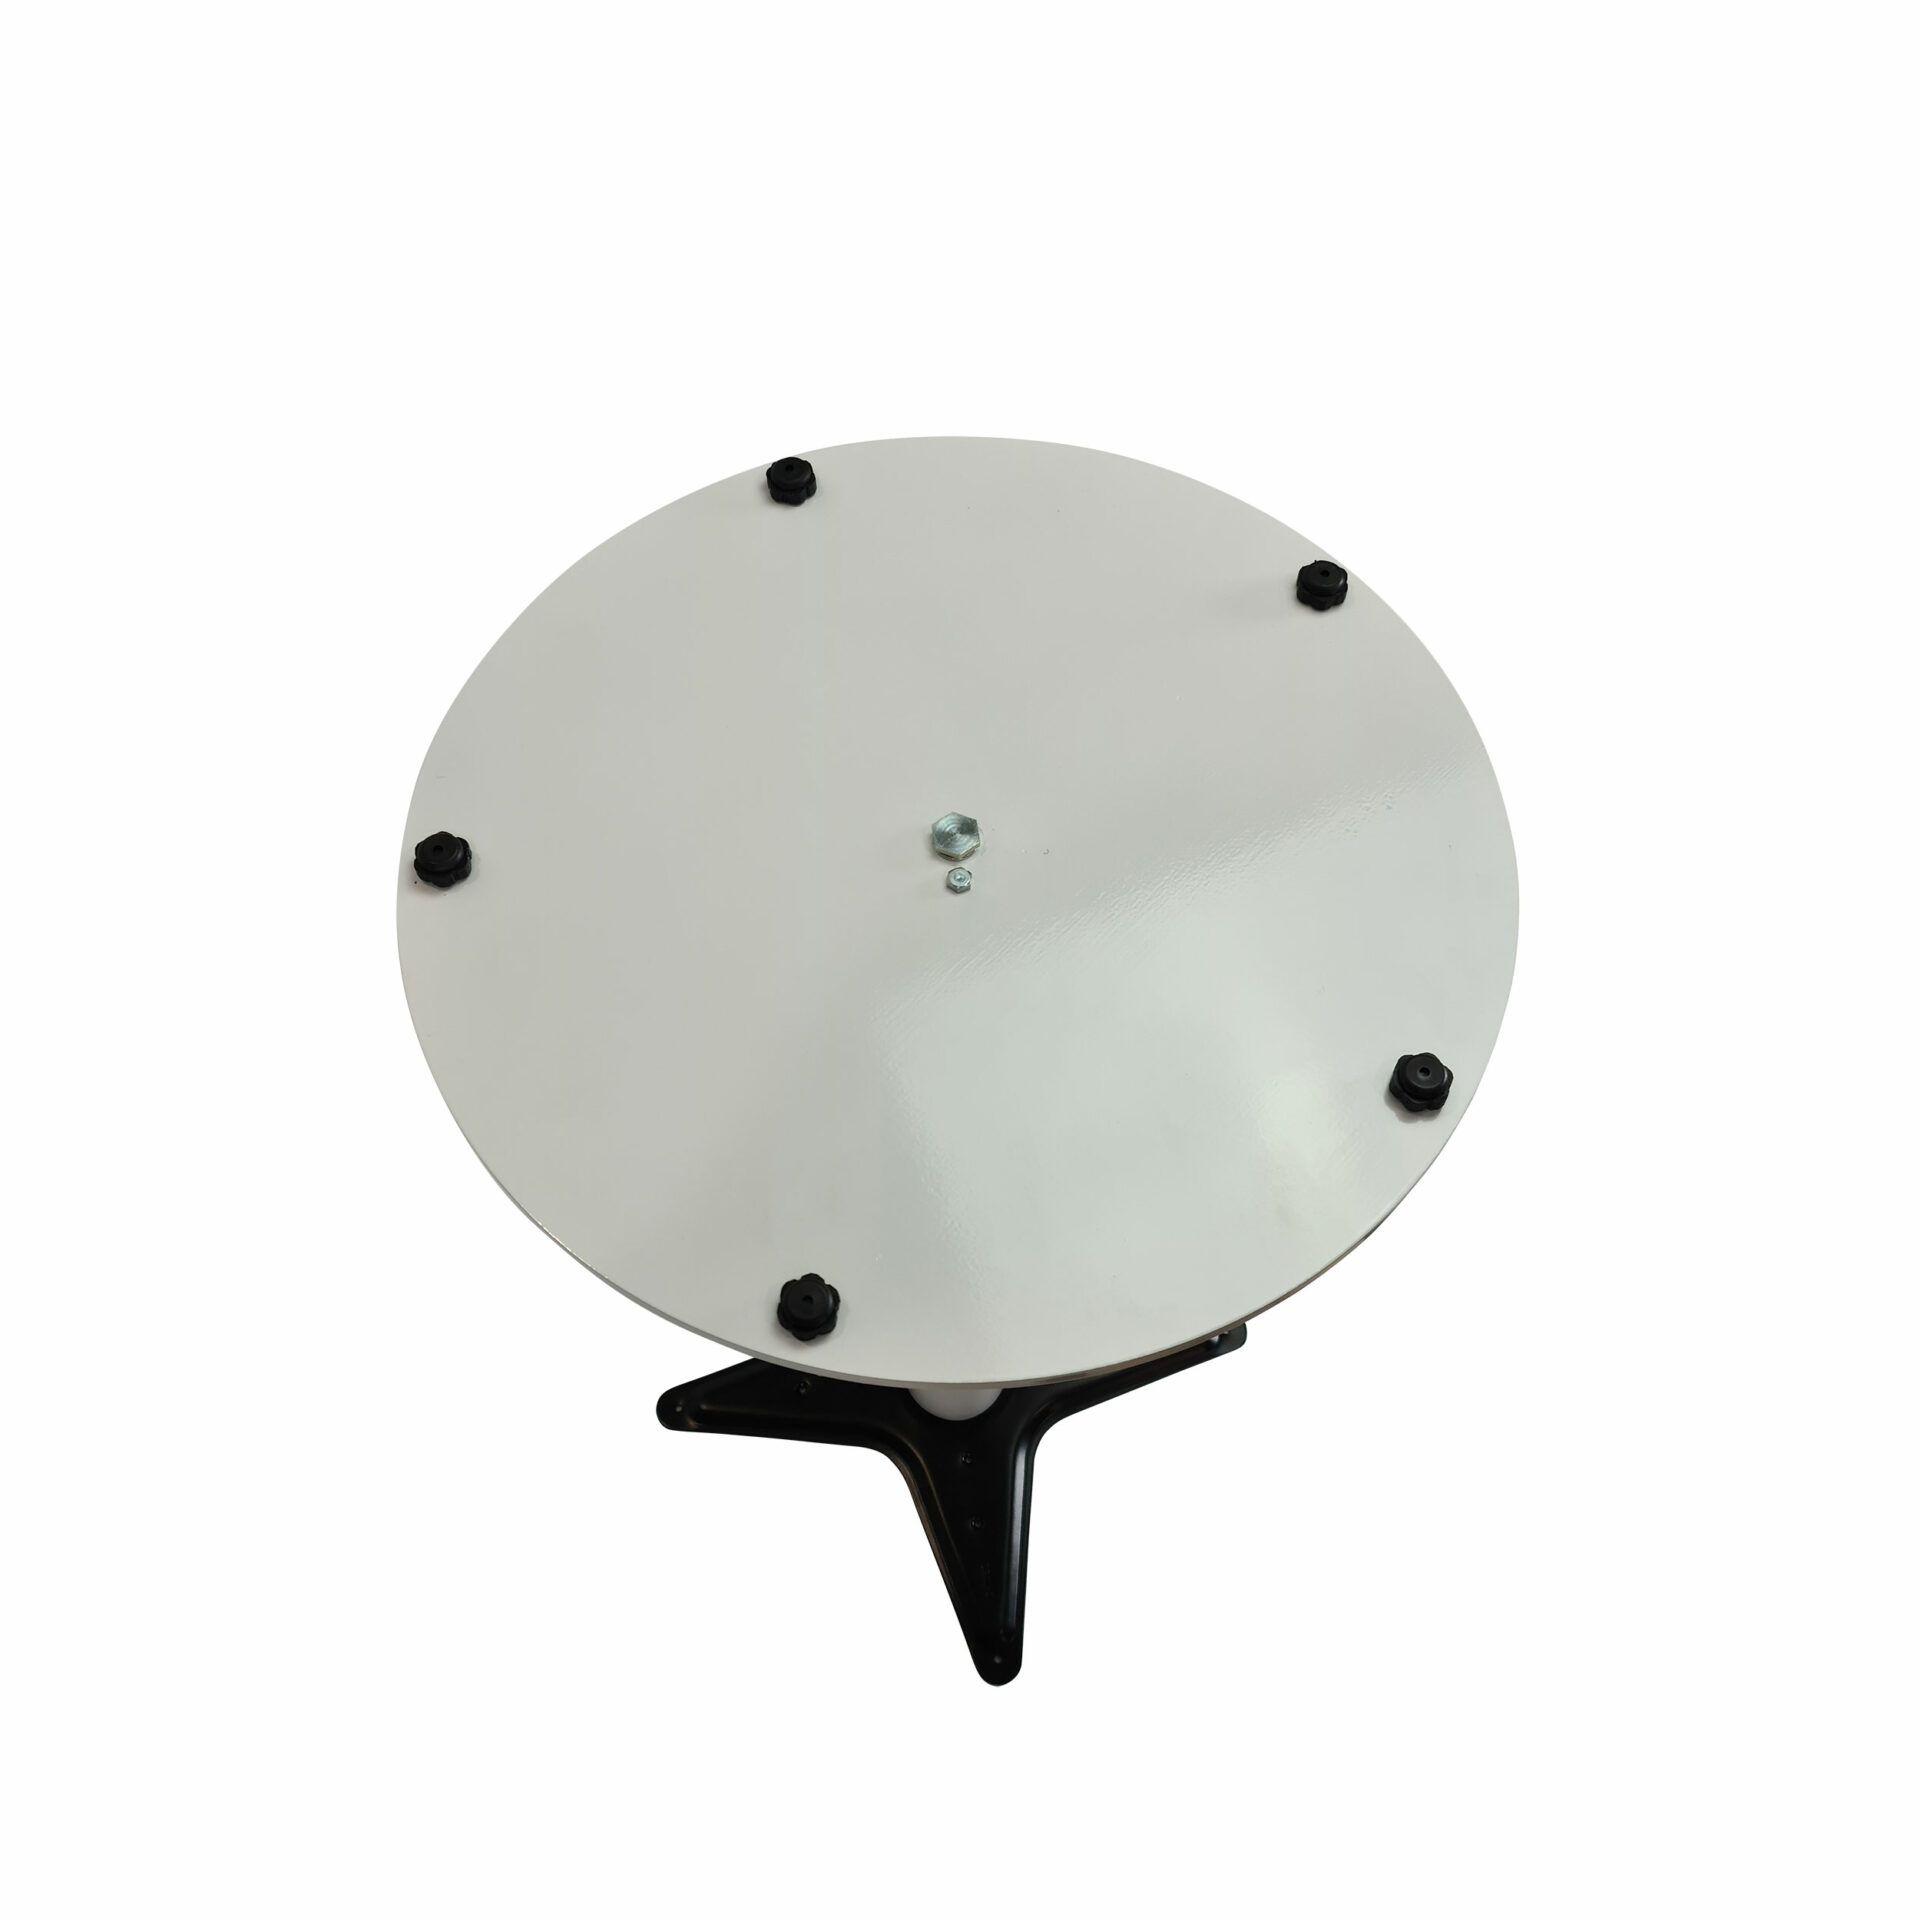 lyon coffee table base white.bottom